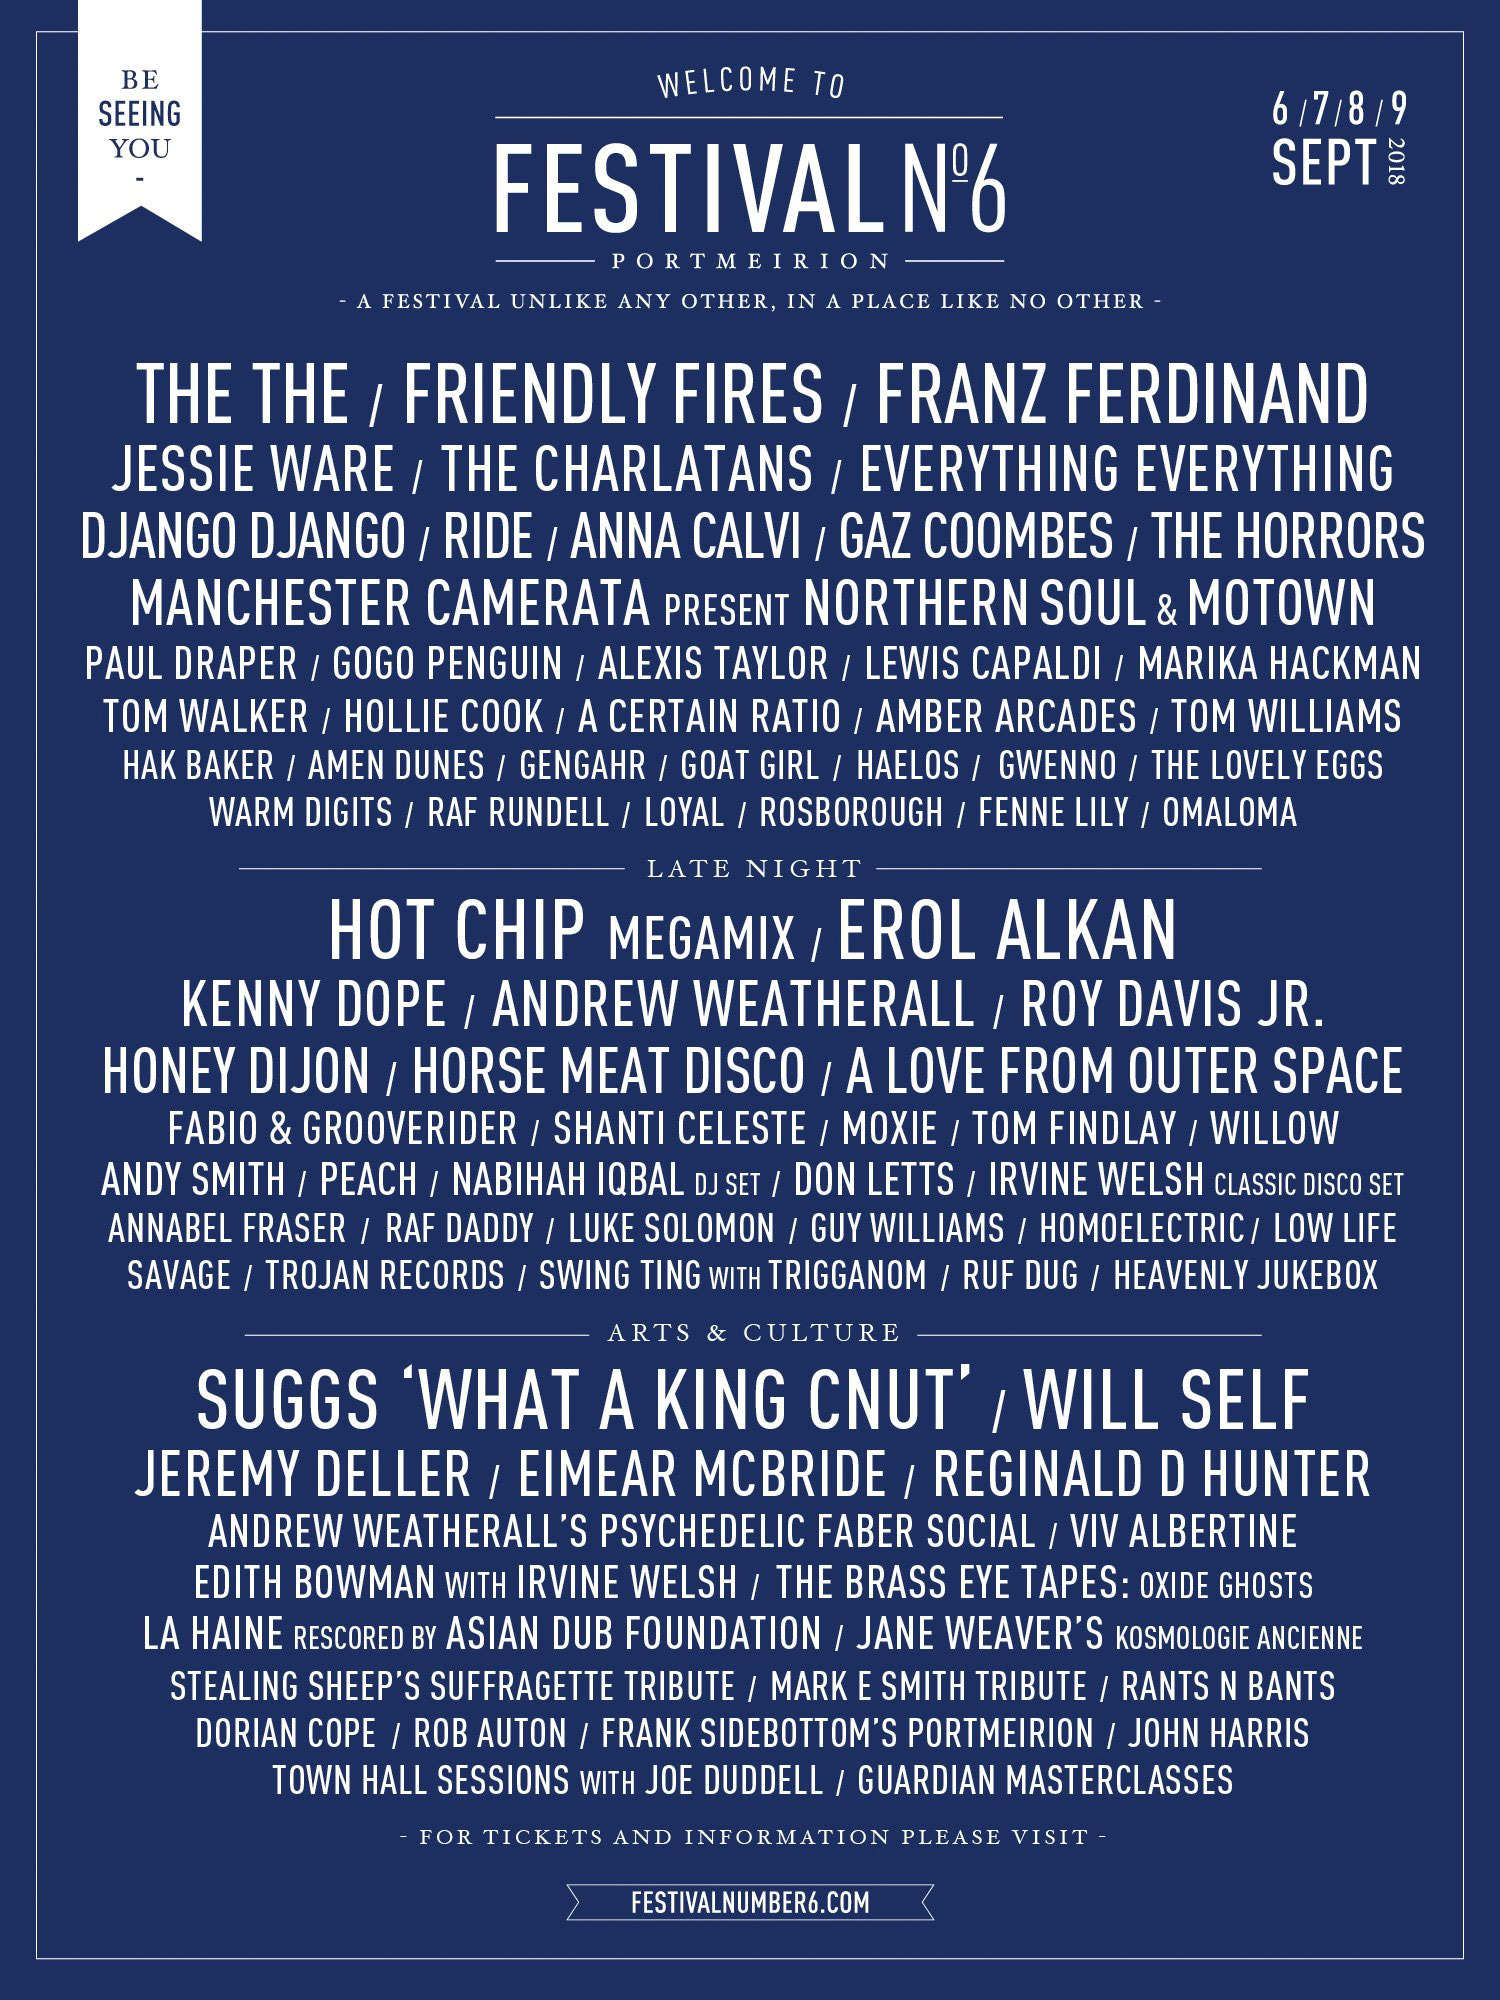 festival-no-6-line-up-2018-1518523693